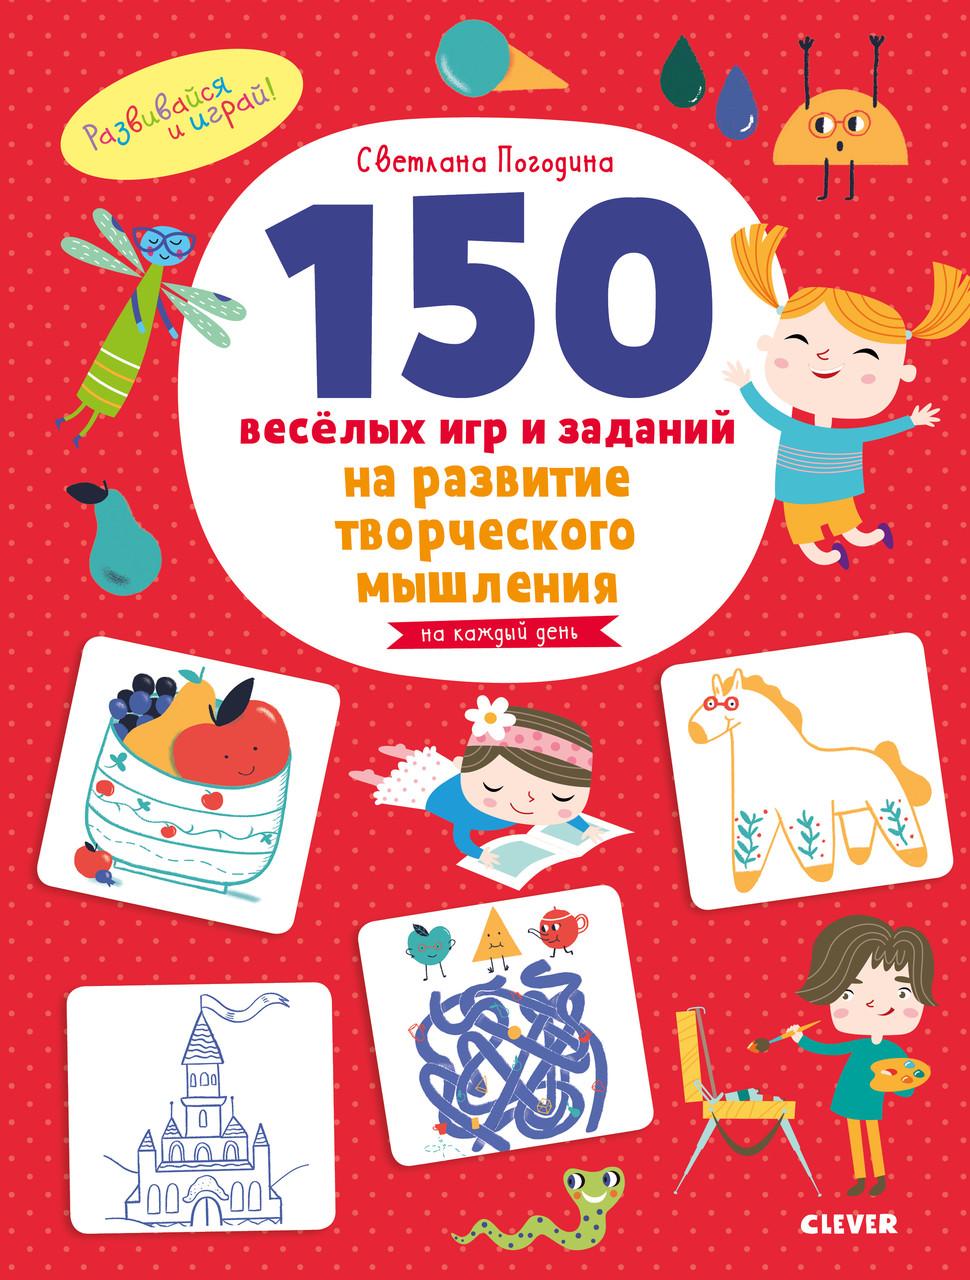 Развивайся и играй! 150 весёлых игр и заданий на развитие творческого мышления. 3-6 лет